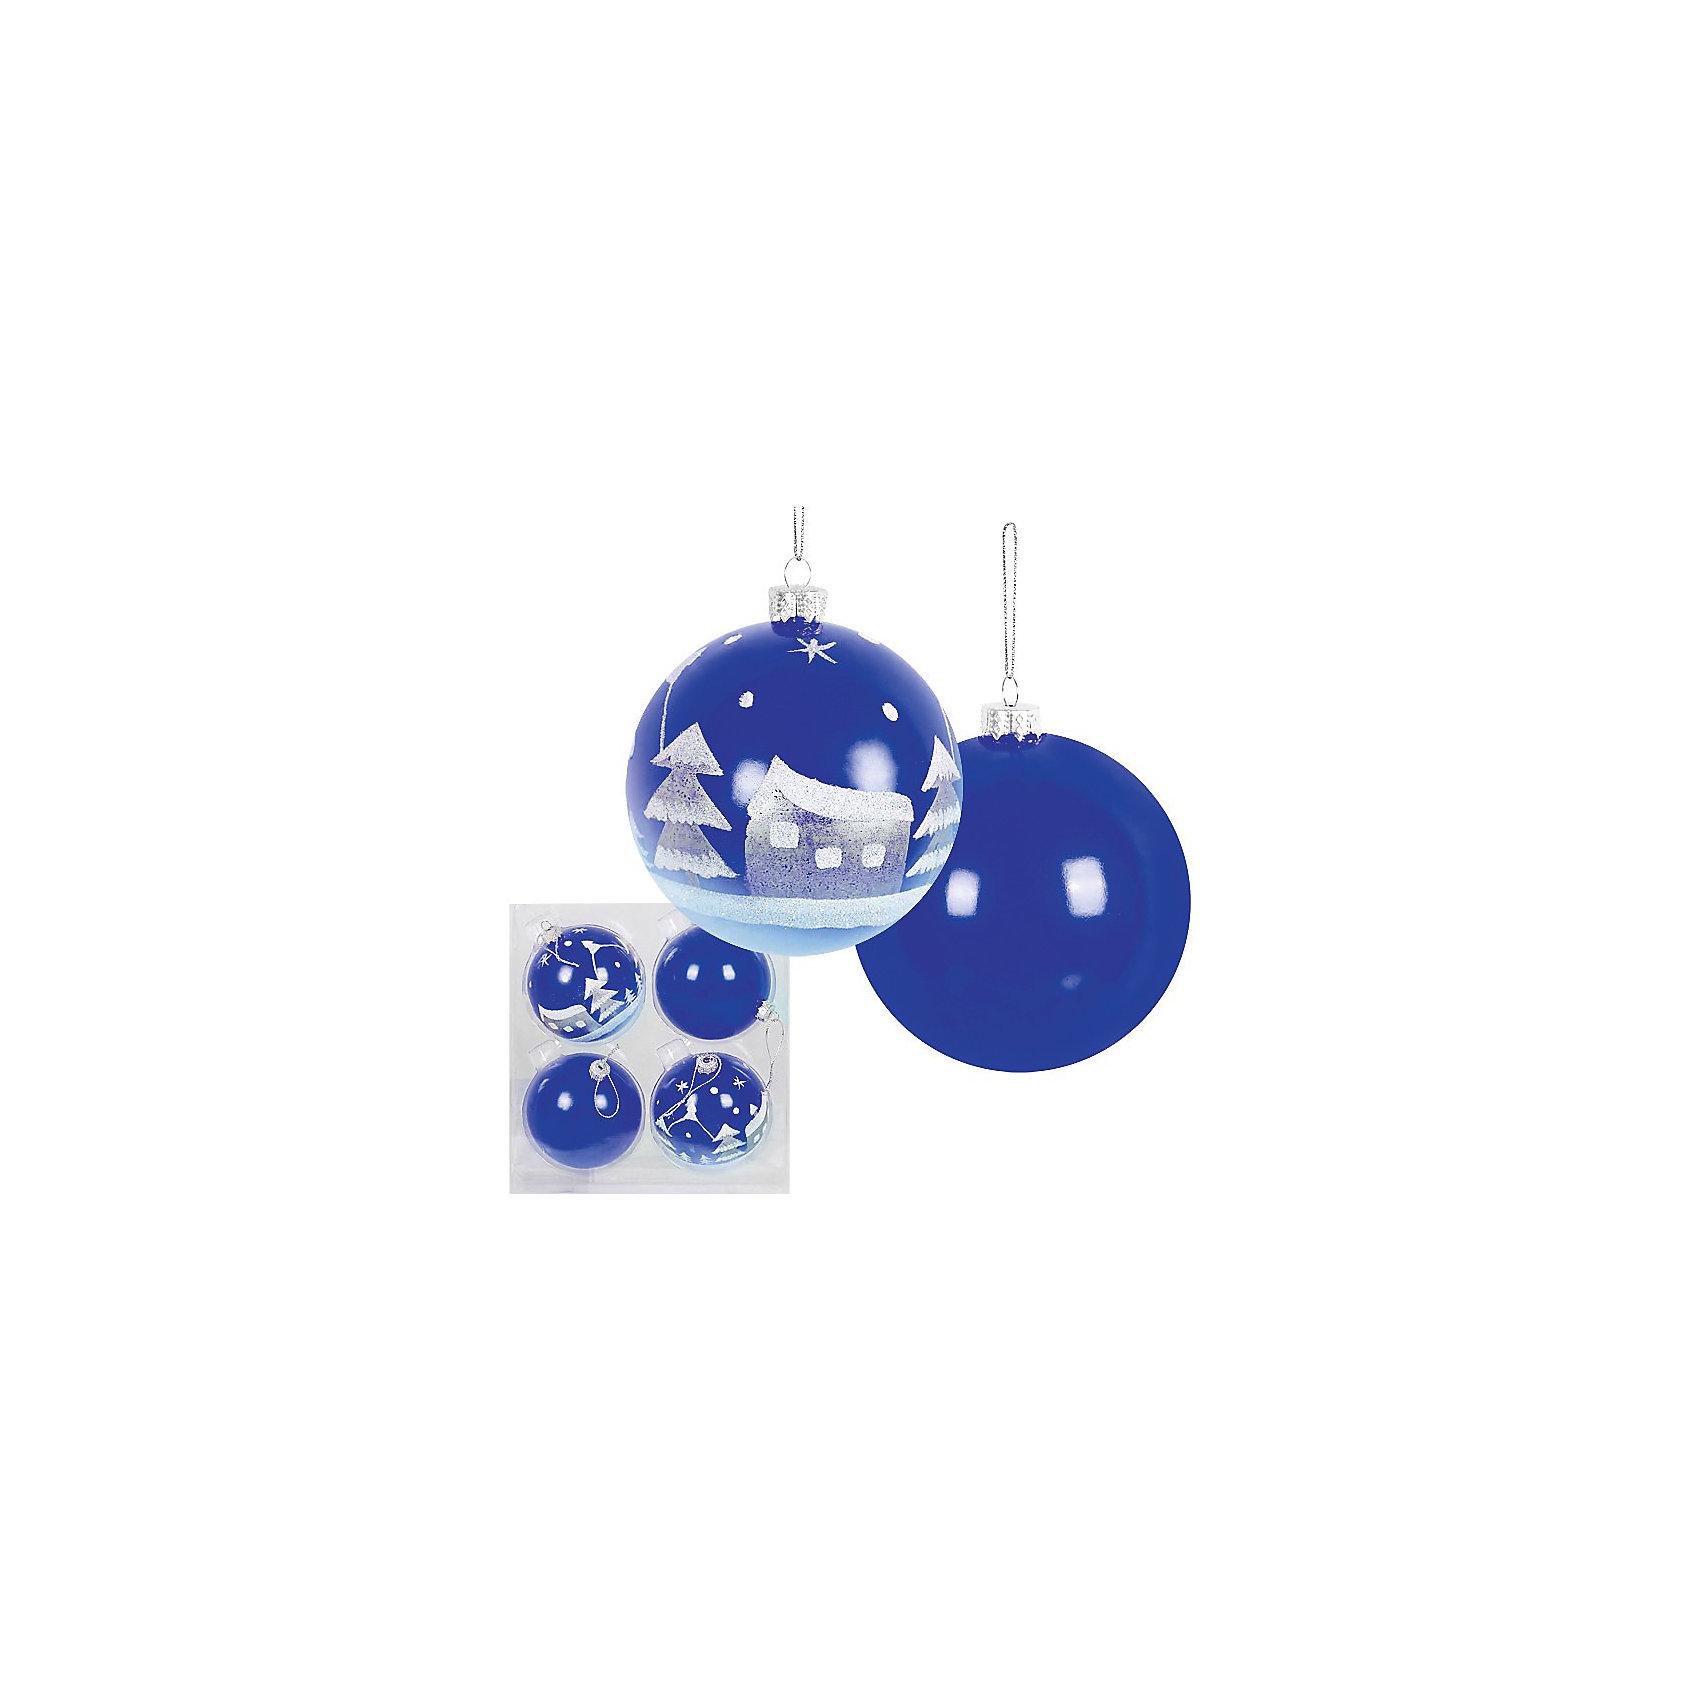 Набор ёлочных шаров, 4 шт, d=8 см, синиеВсё для праздника<br>Набор ёлочных шаров, 4 шт, d=8 см, синие станет прекрасным новогодним украшением для всей семьи! <br>Ваш малыш с удовольствием примет участие в украшении дома и проникнется атмосферой волшебства!<br><br>Дополнительная информация:<br><br>Набор елочных шаров, 4 шт, ? 8 см, синий цвет, материал :пластик<br><br>Поможет всей семье поверить в новогоднее чудо!<br>Легко приобрести в нашем интернет-магазине!<br><br>Ширина мм: 80<br>Глубина мм: 200<br>Высота мм: 100<br>Вес г: 160<br>Возраст от месяцев: 36<br>Возраст до месяцев: 144<br>Пол: Унисекс<br>Возраст: Детский<br>SKU: 3368314